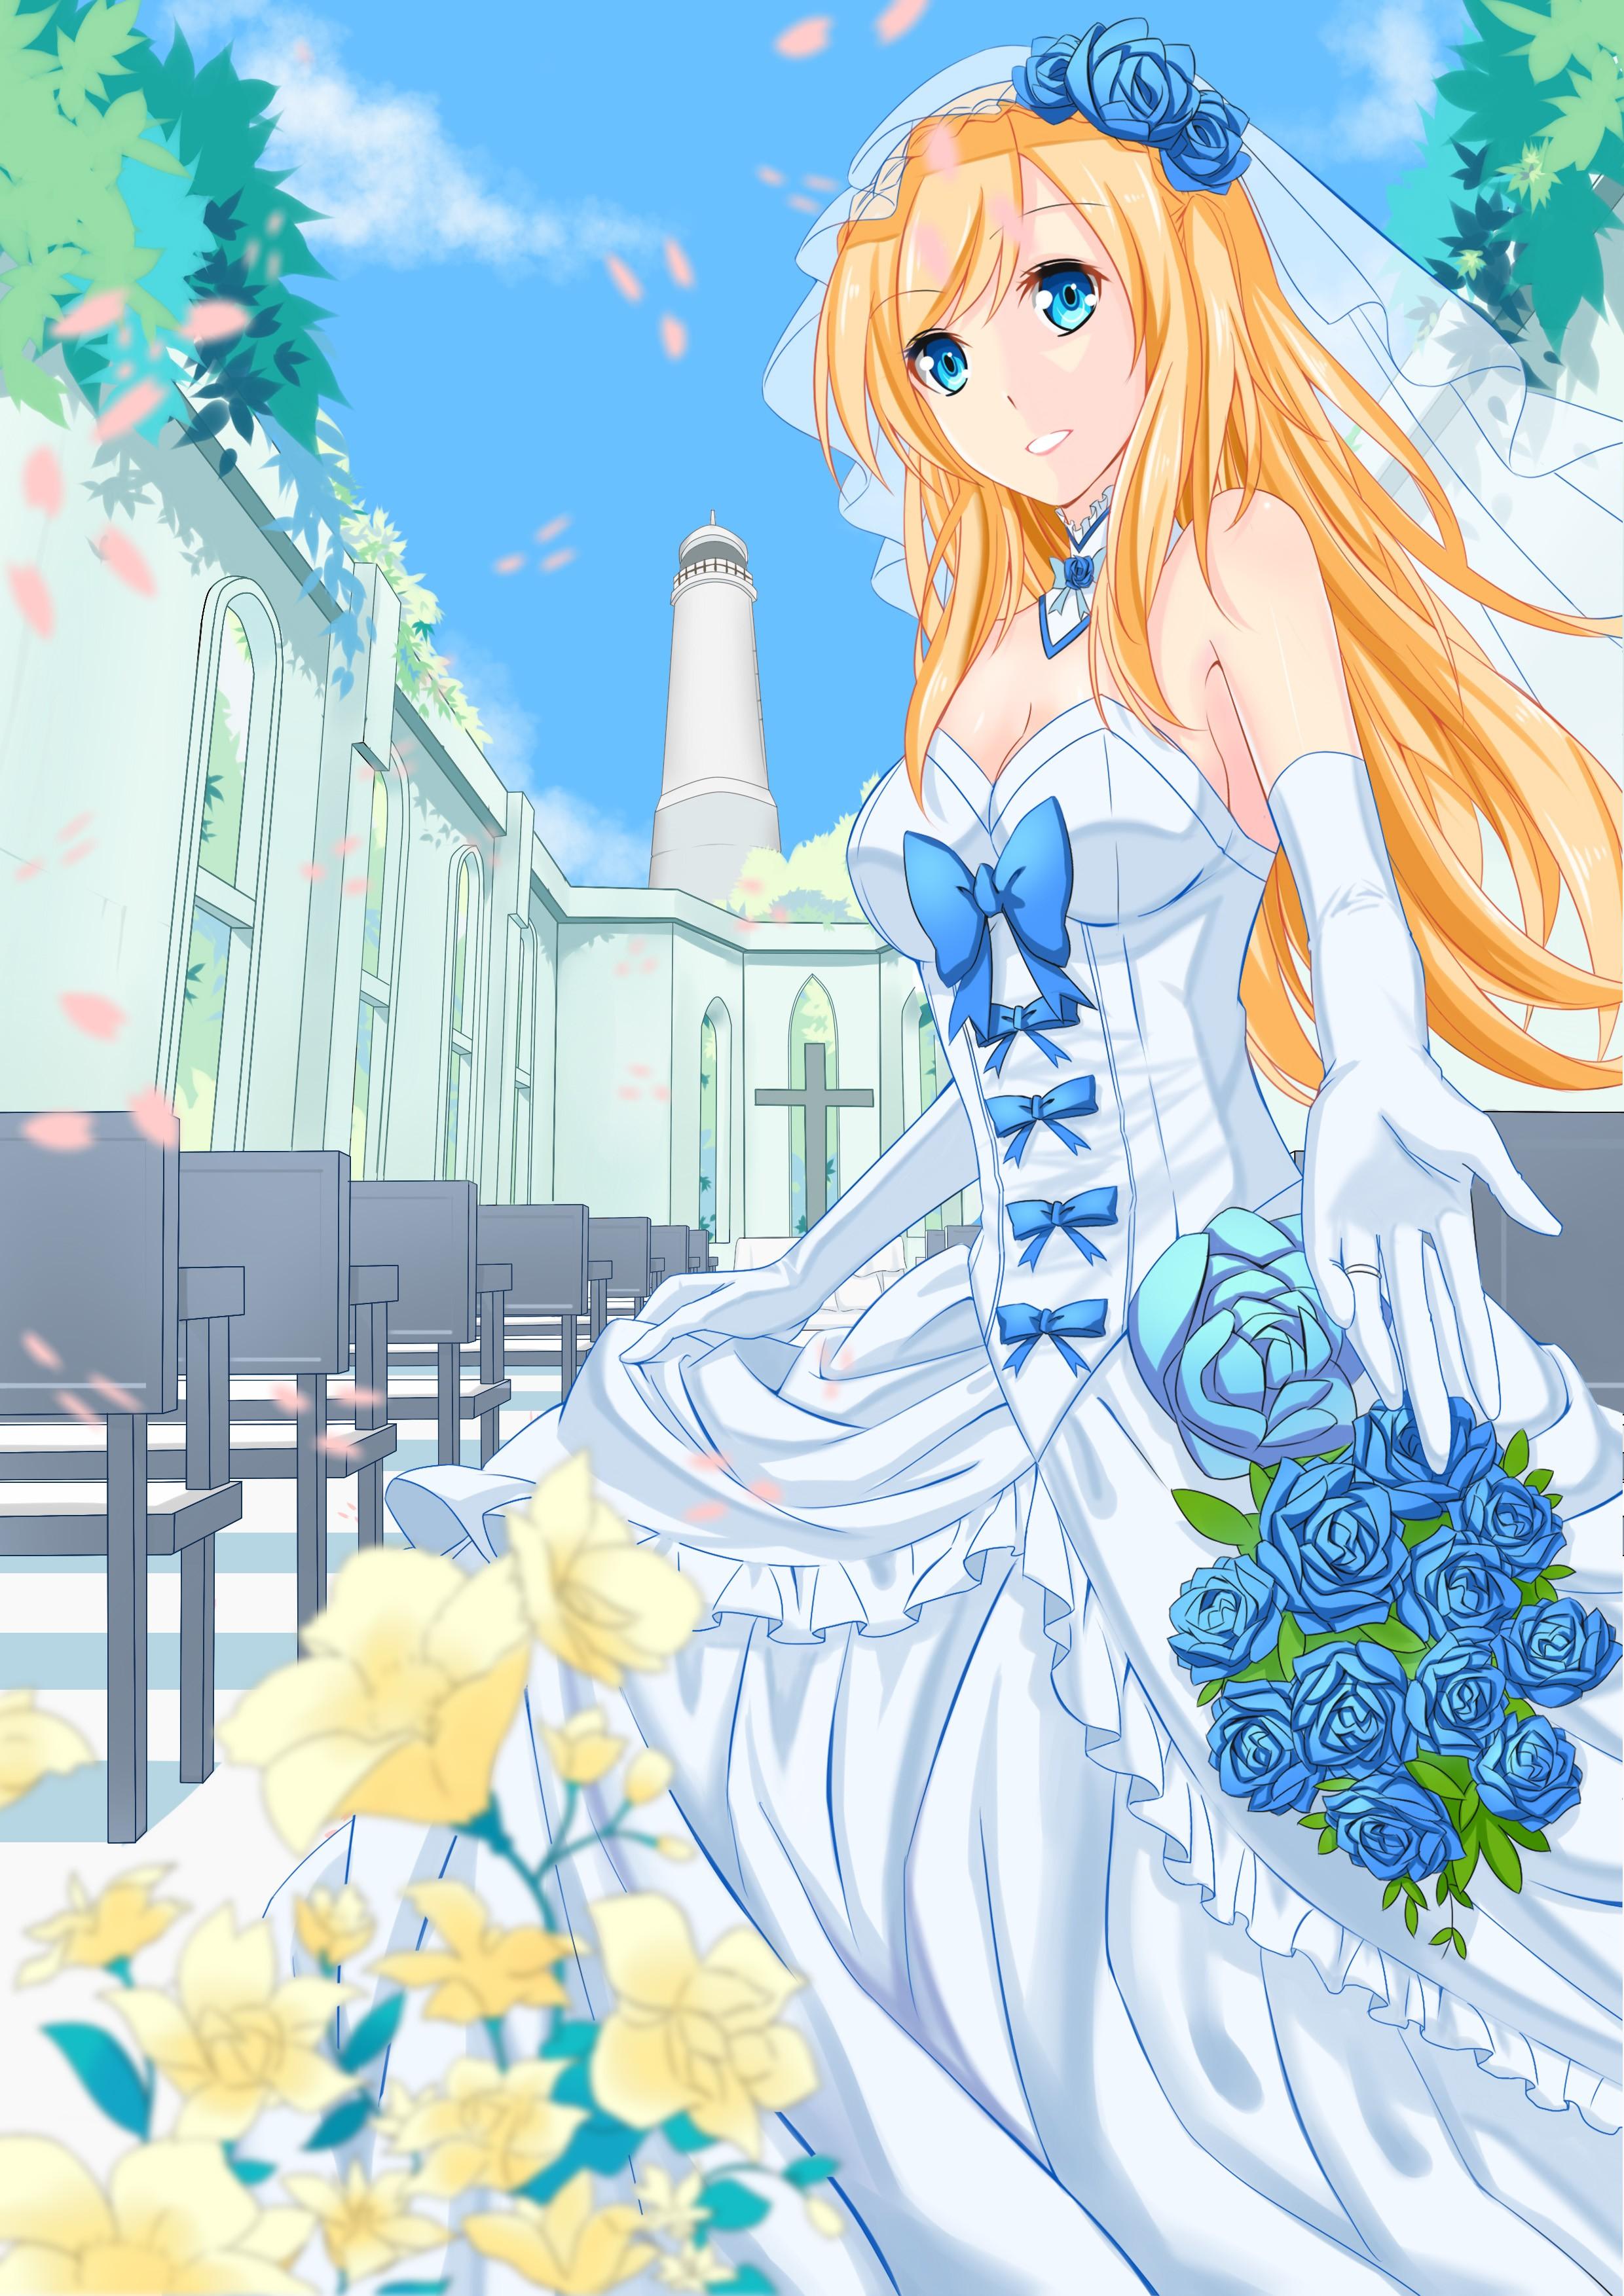 Anime girl dirty blonde hair blue eyes